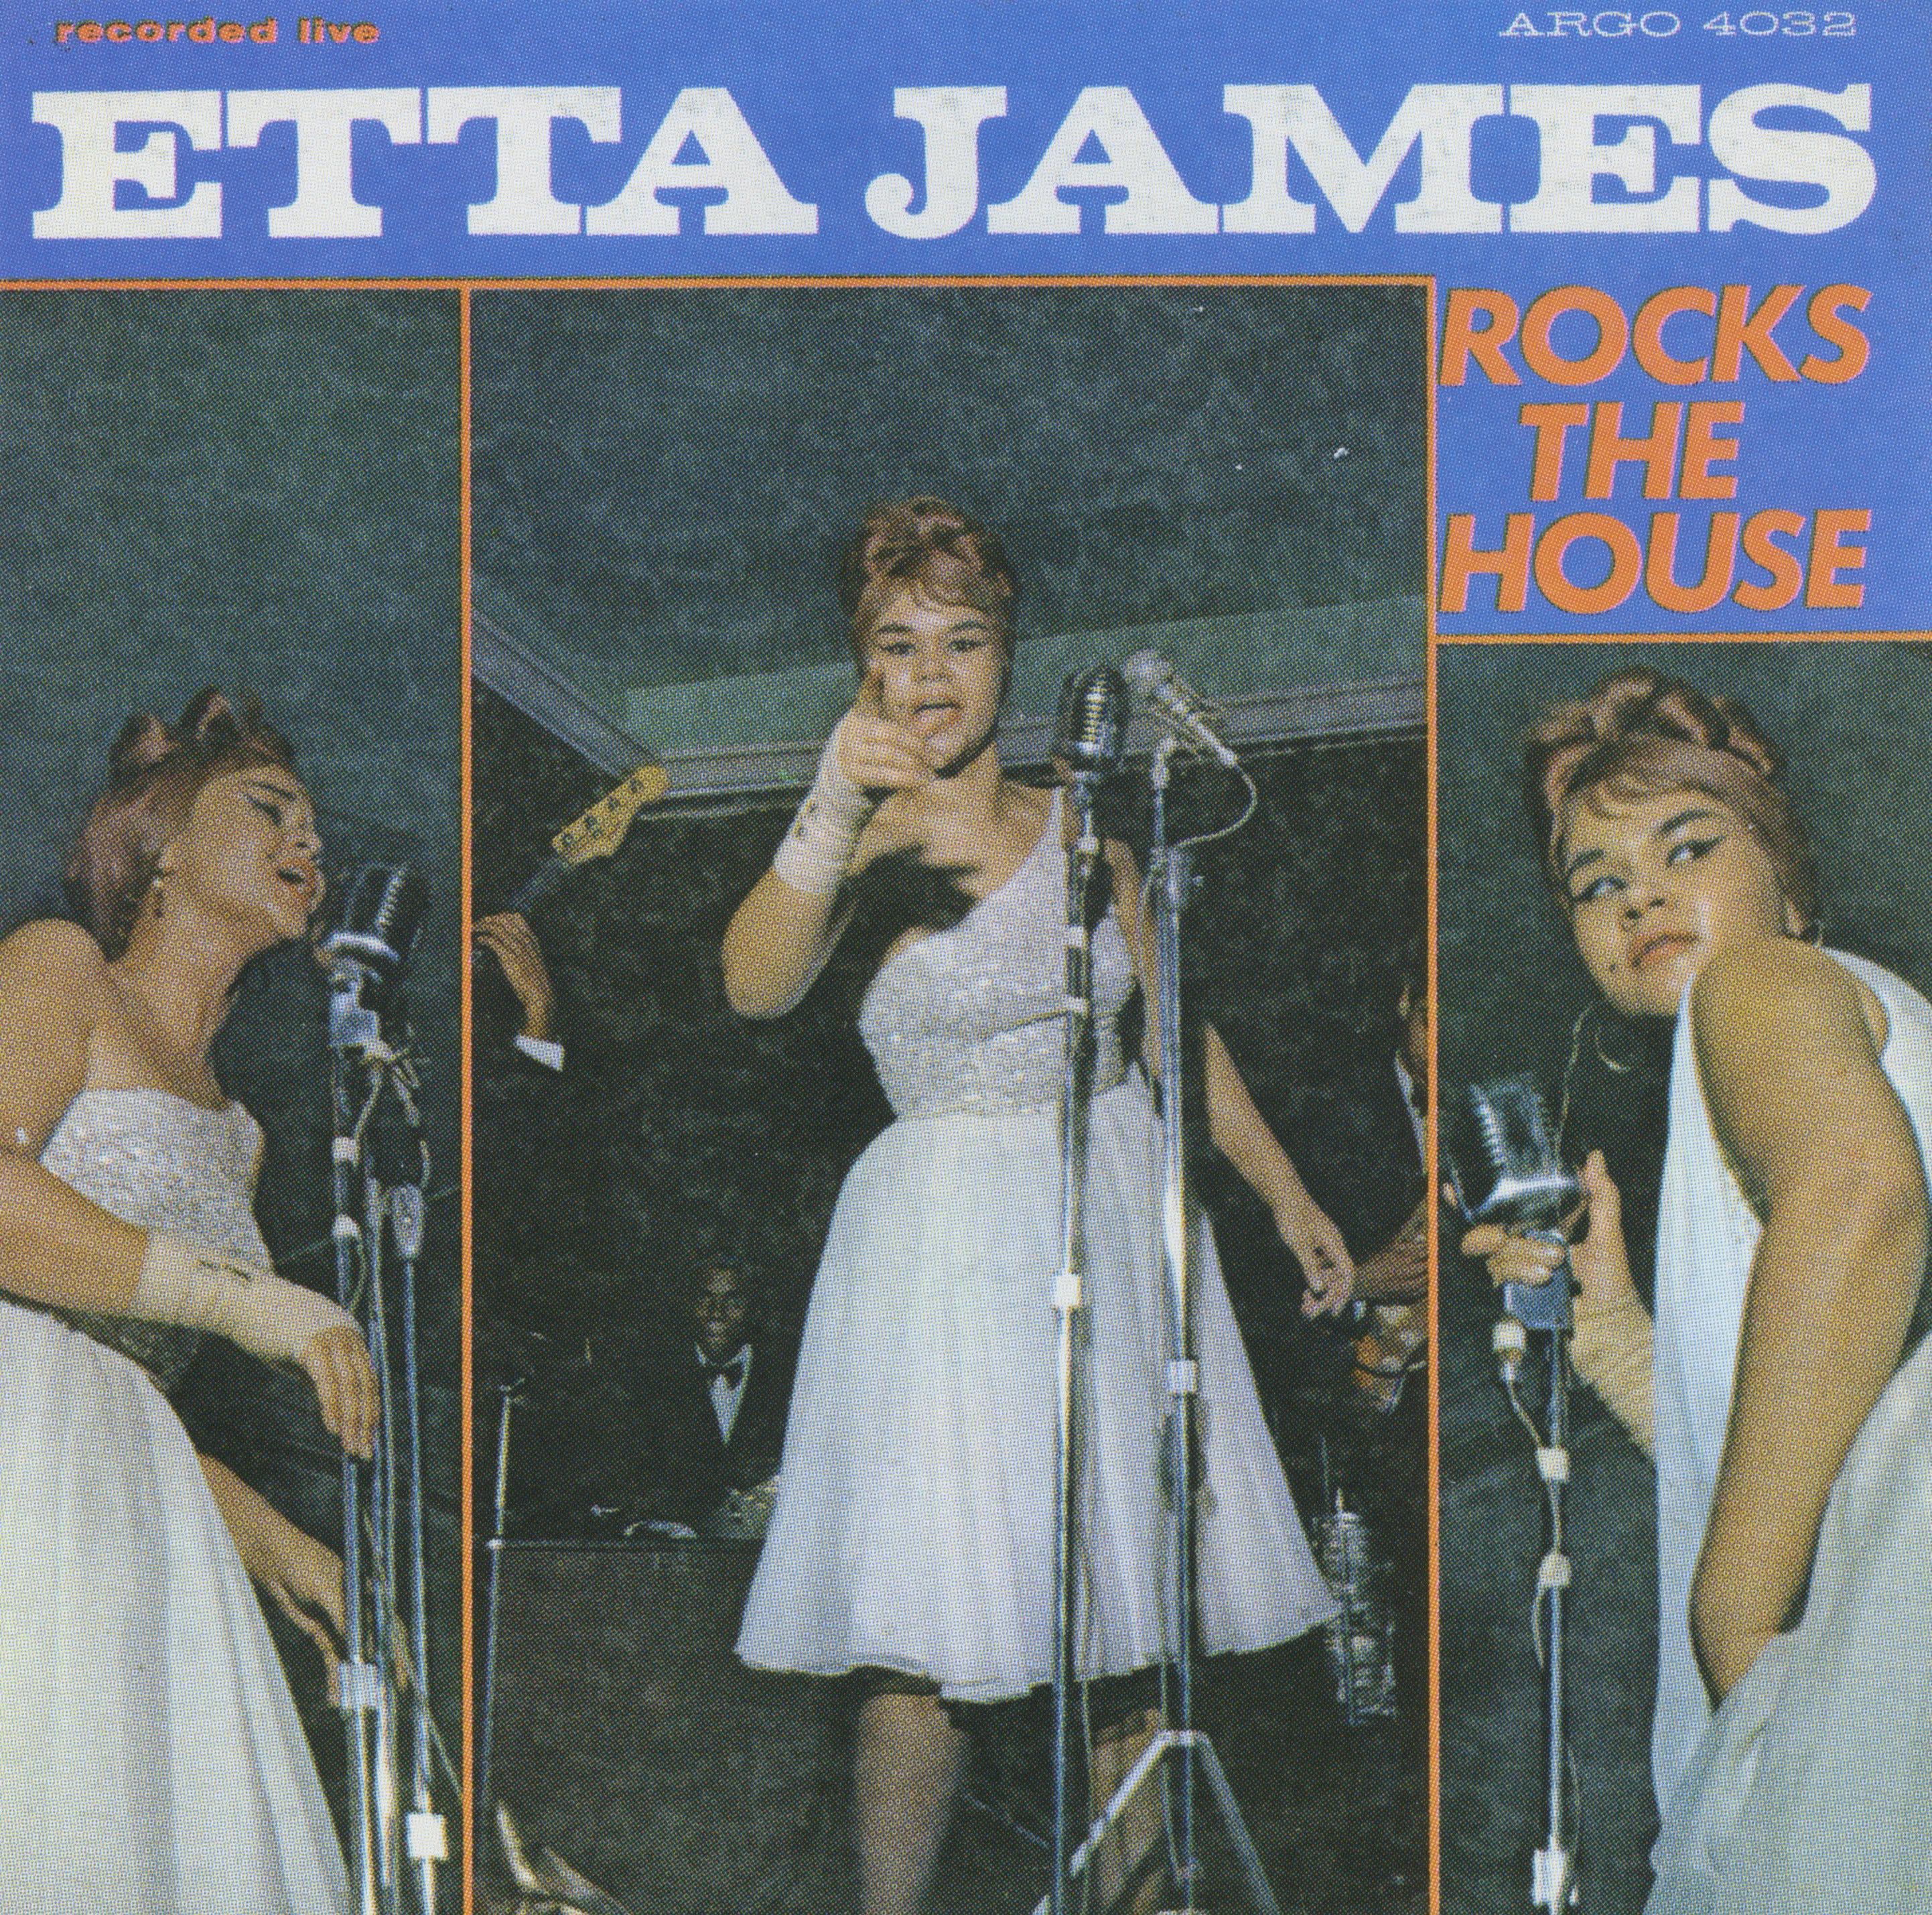 Etta James recorded this live album at Nashville's New Era Club in 1963.